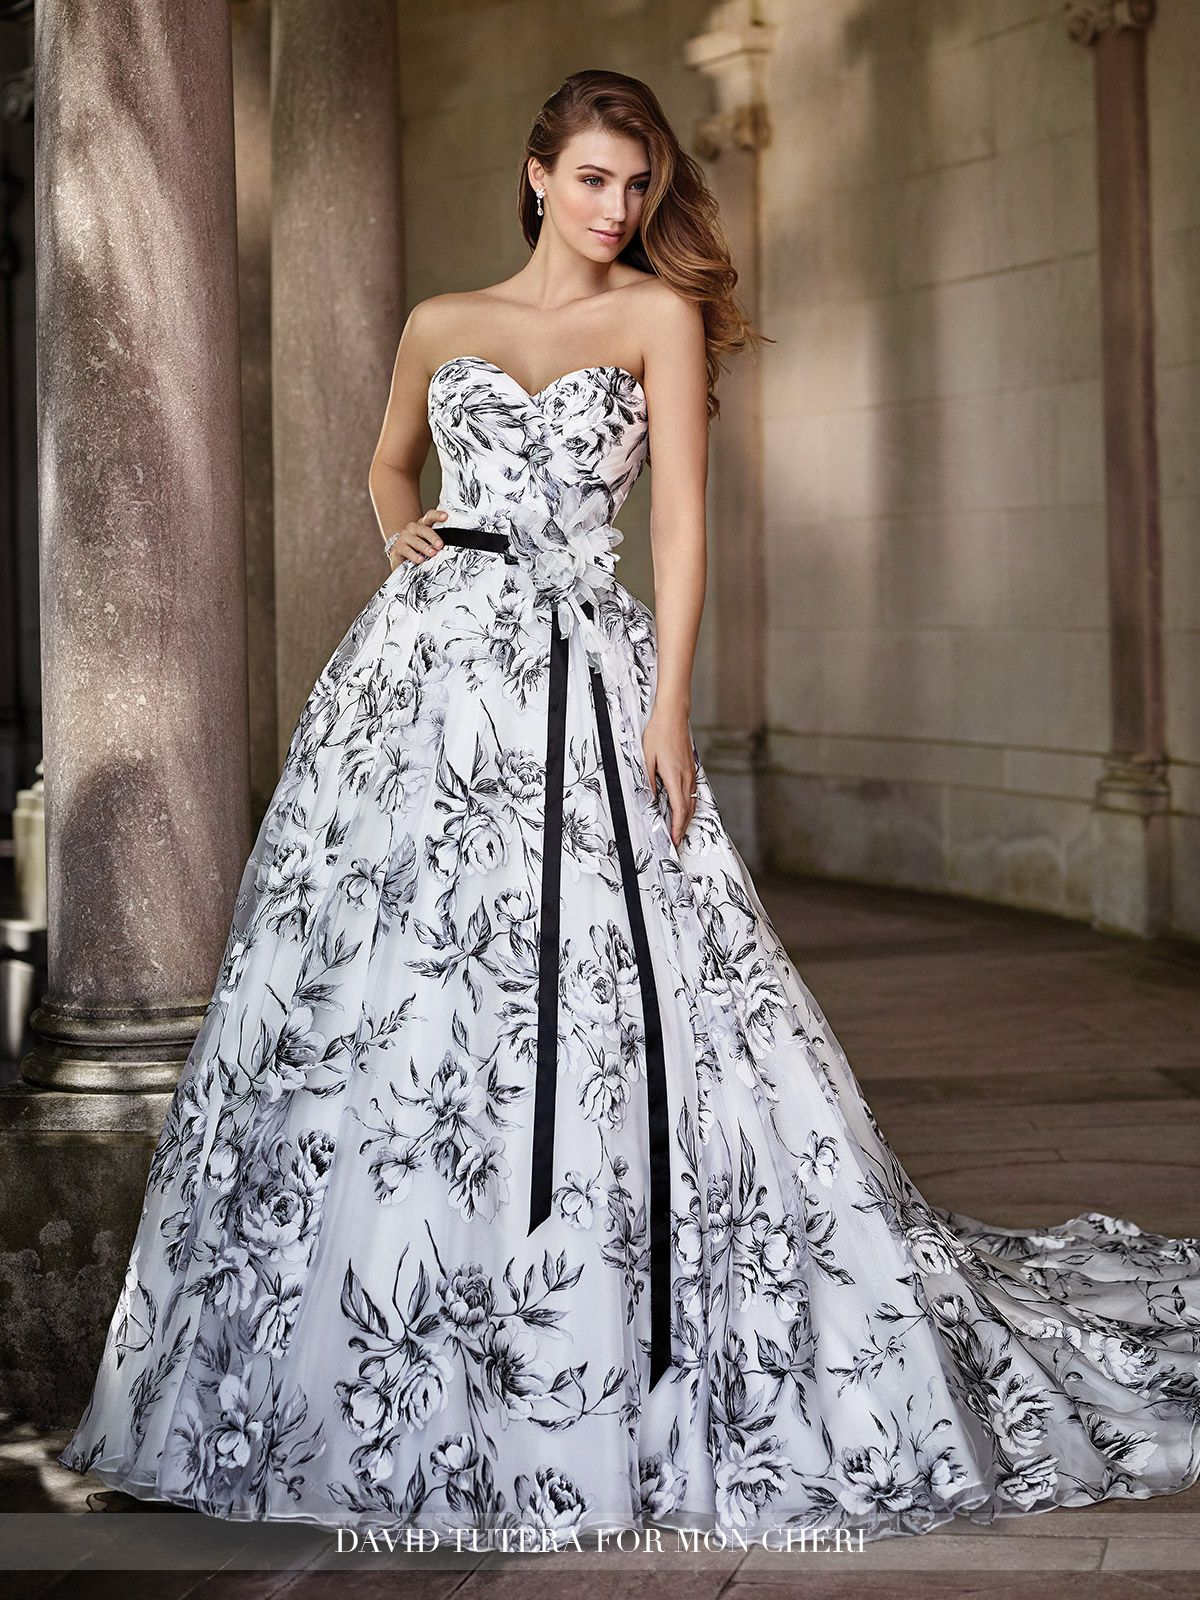 Unique Wedding Dresses Spring 2019 Martin Thornburg In 2020